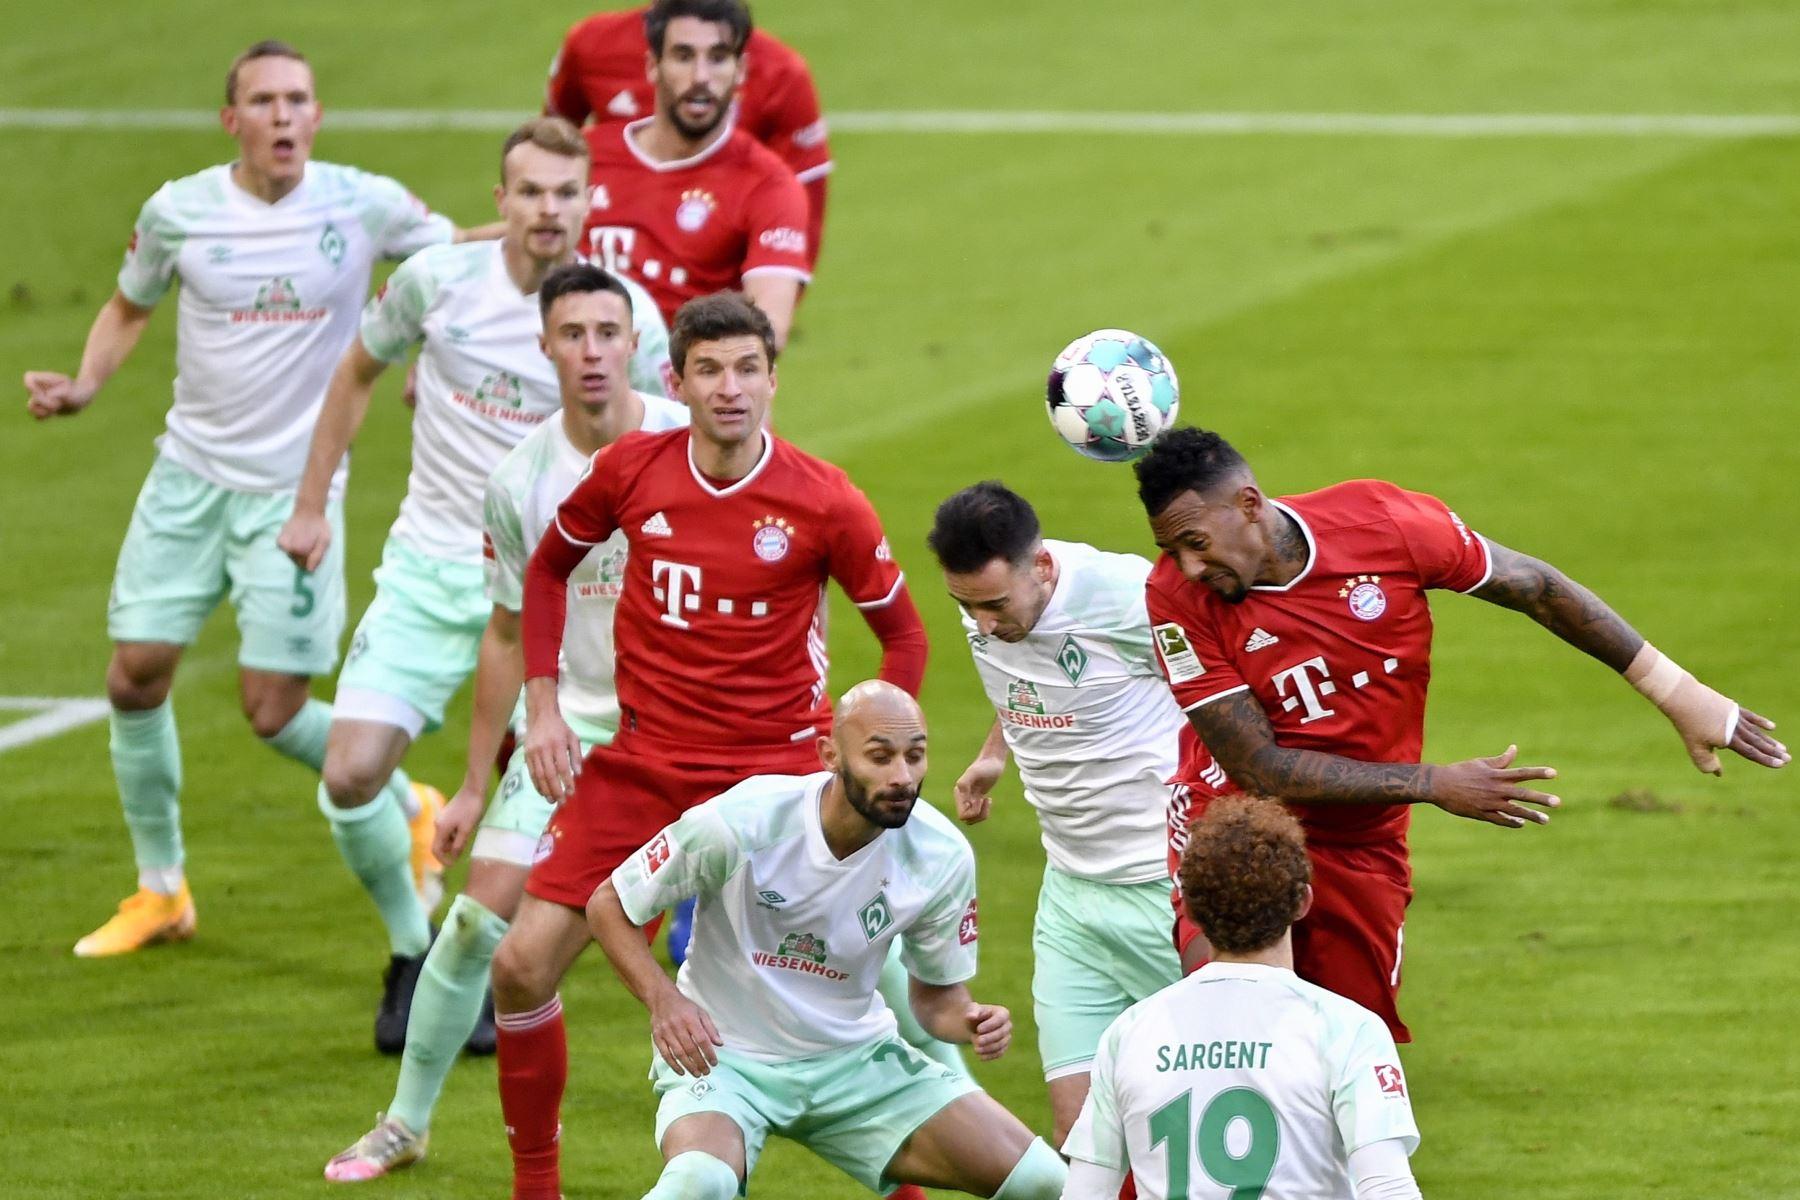 Jerome Boateng del Bayern Múnich en acción contra Kevin Moehwald del Bremen durante el partido de fútbol de la Bundesliga. Foto: EFE